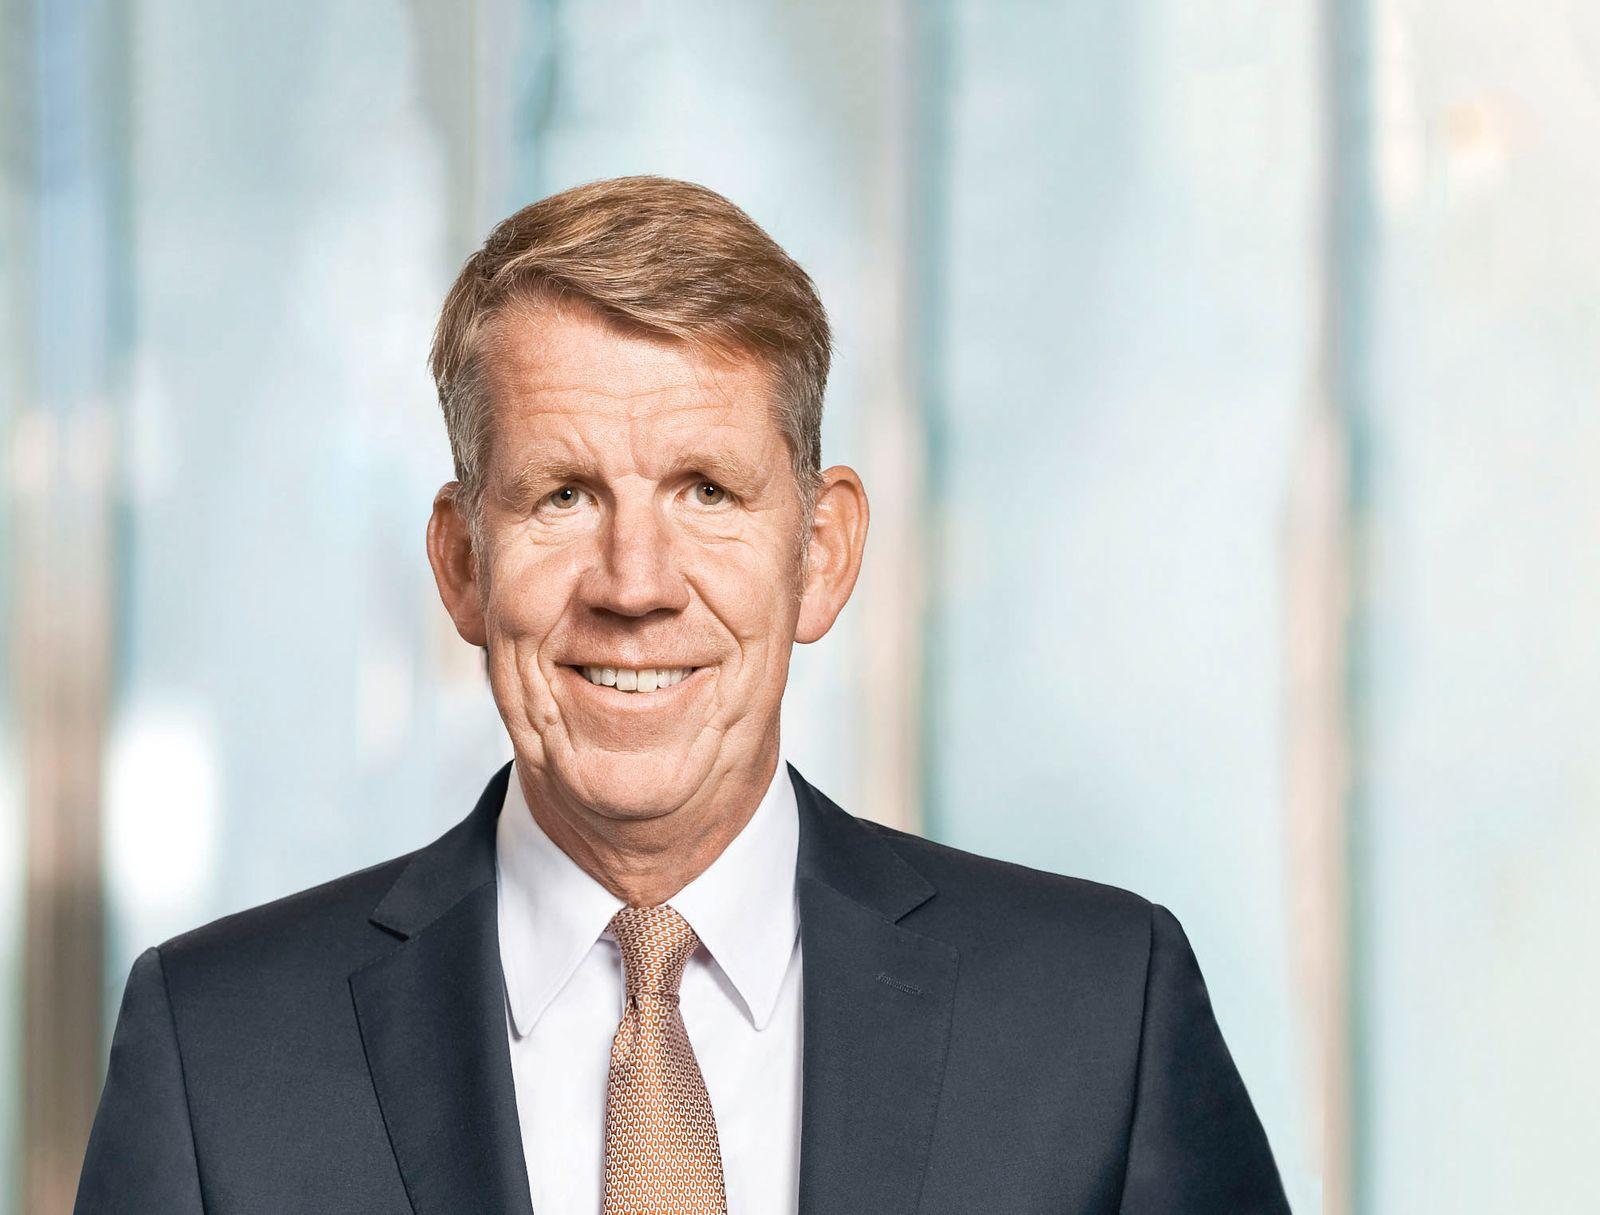 Friedrich Joussen / TUI